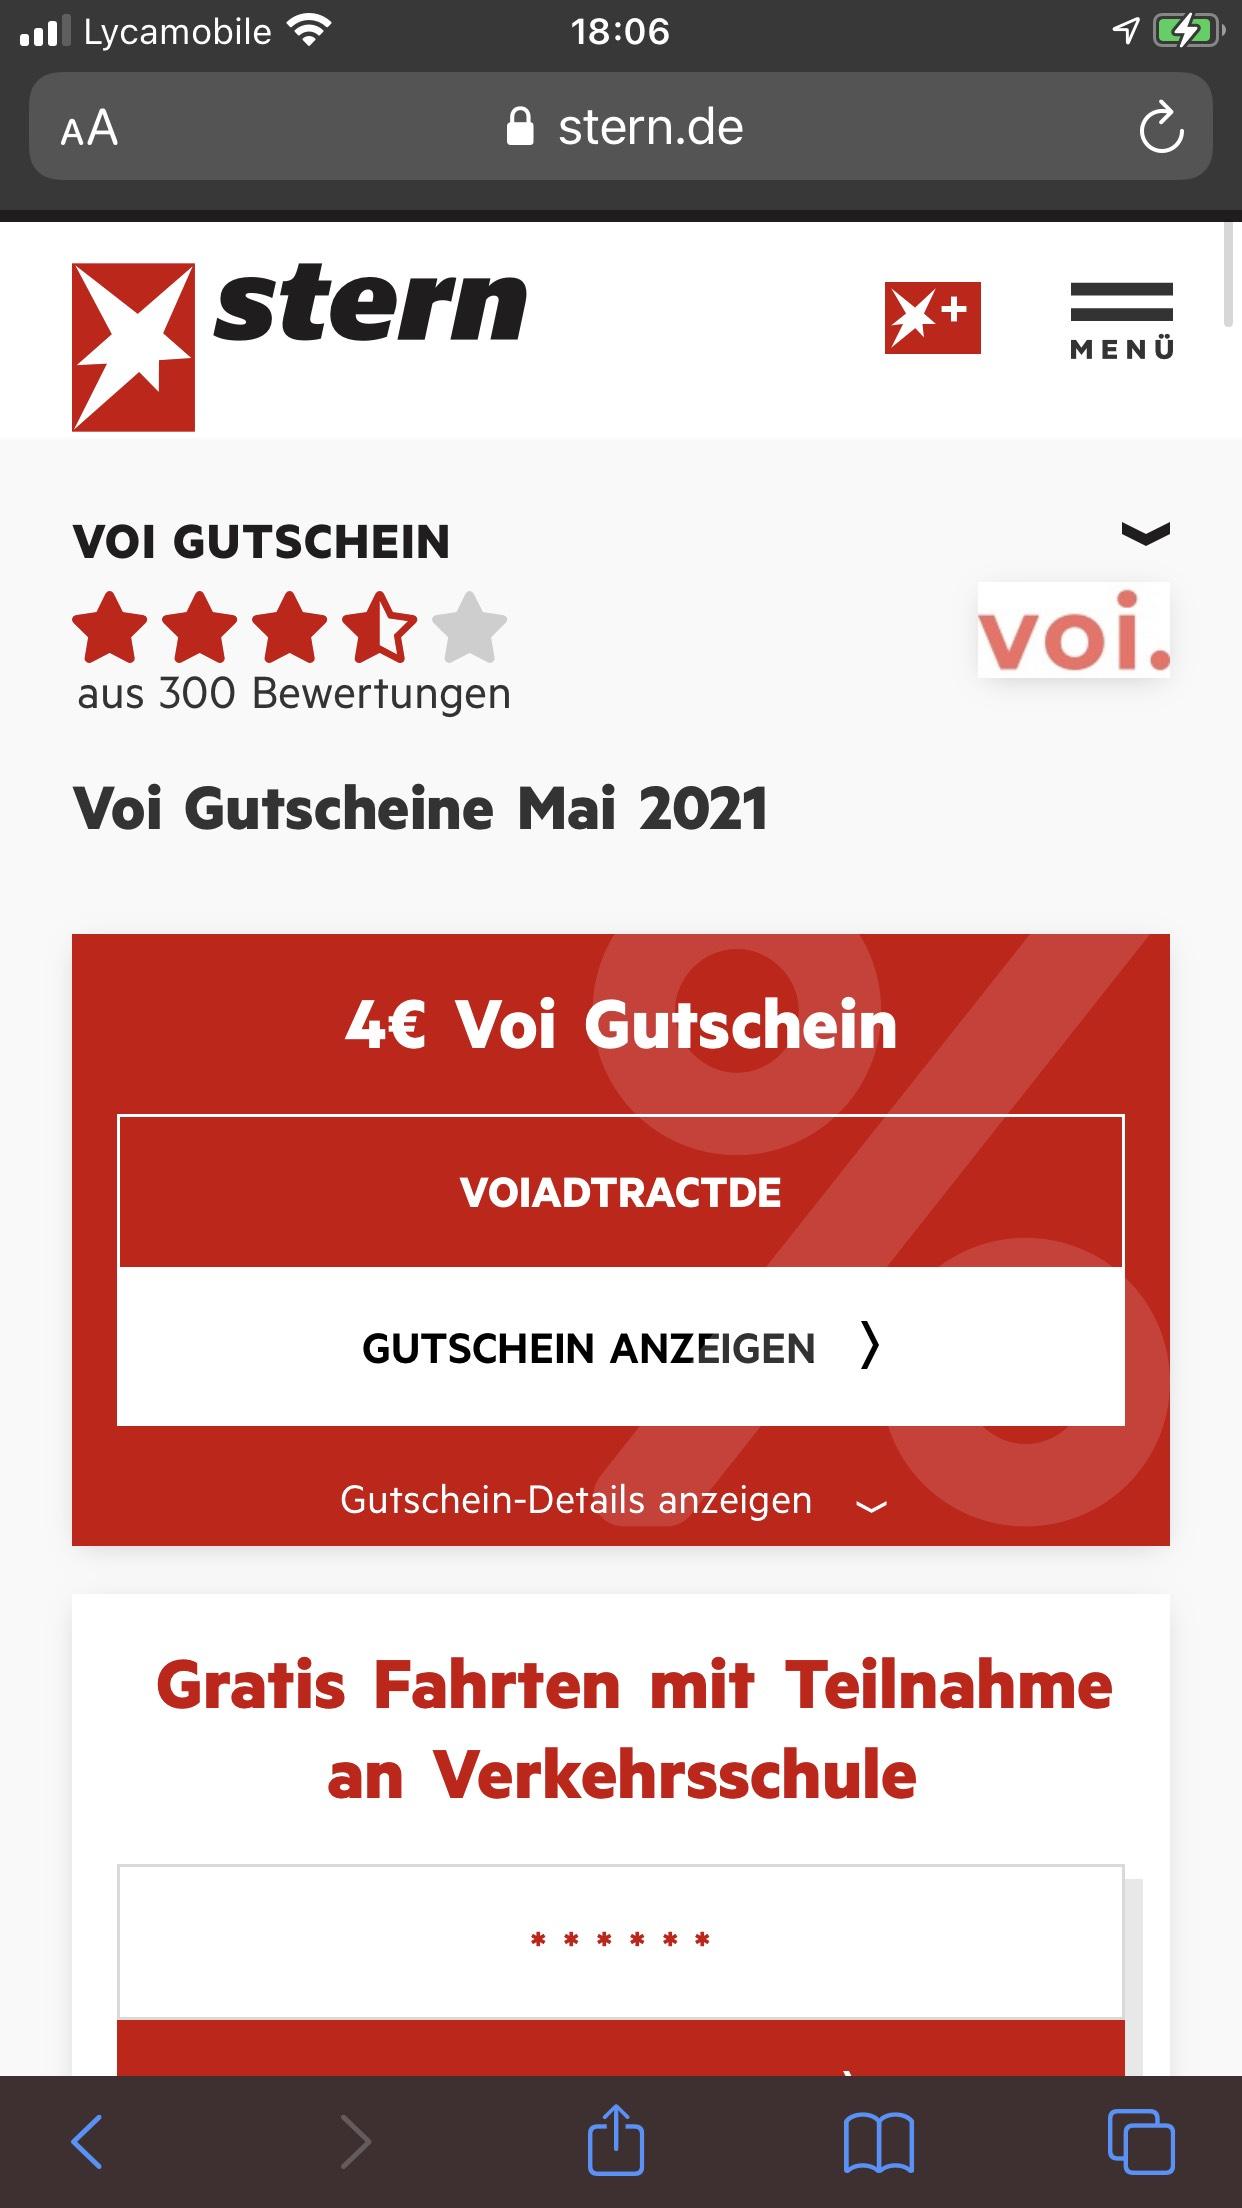 4€ Voi Gutschein